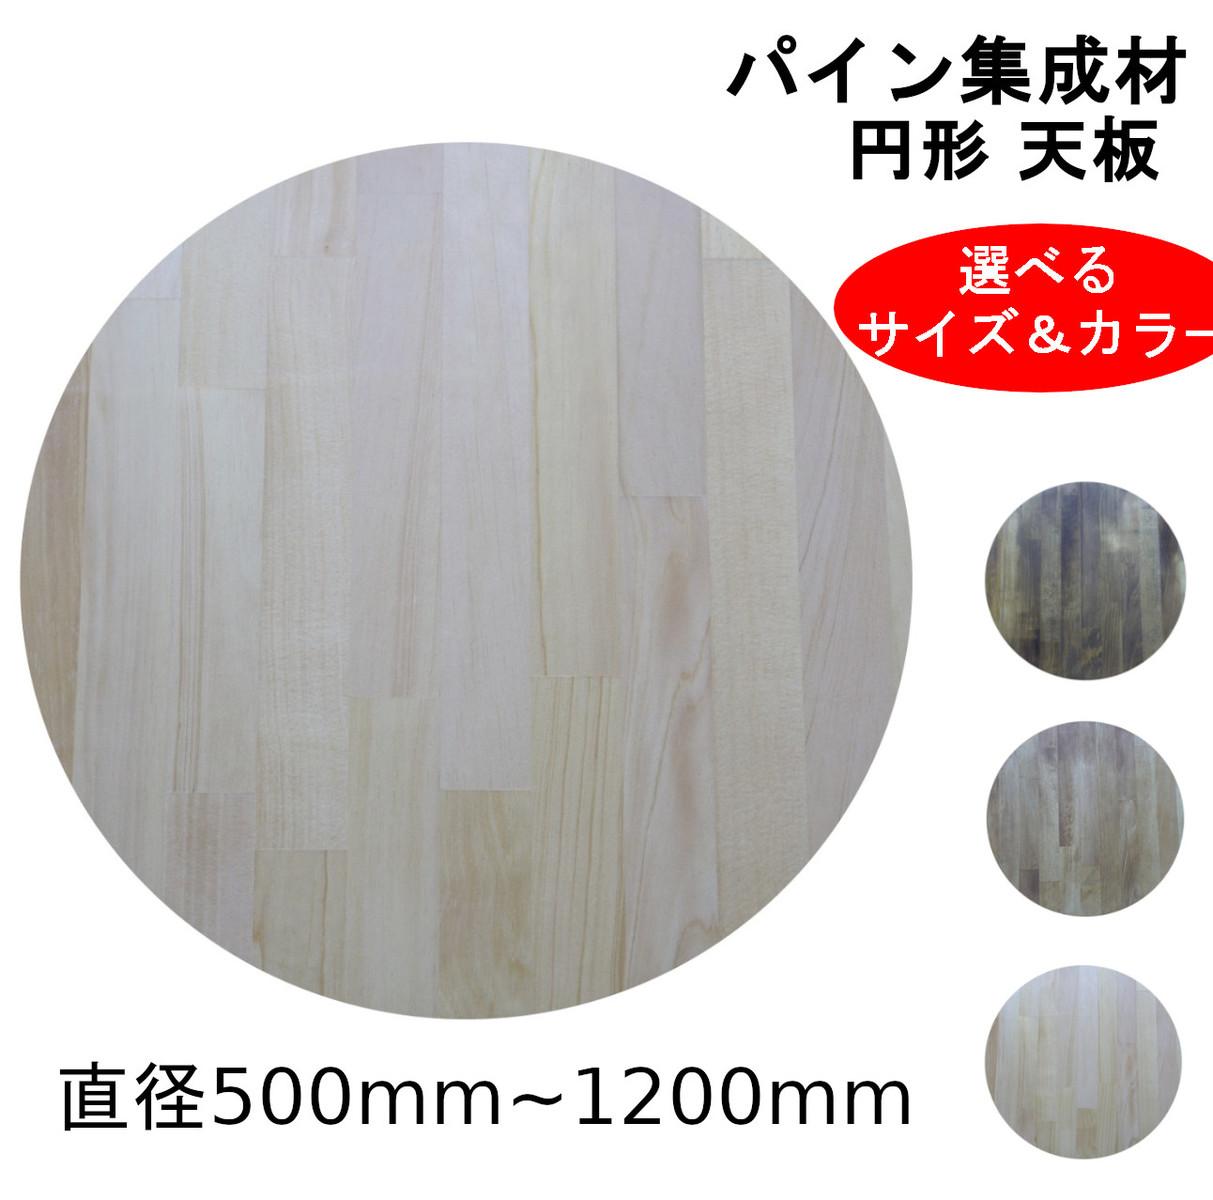 木材店が仕上げる円形テーブル天板 ※天板のみ 色 厚み 直径をお選びいただけます 左部カテゴリよりお好きなサイズをお選びください パイン集成材 定価の67%OFF 厚み25mm 直径1000mm 選べるサイズ 限定品 カラー 丸 BRIWAX DIY スツール 円形 テーブル ブライワックス 板 集成材 天板 木材